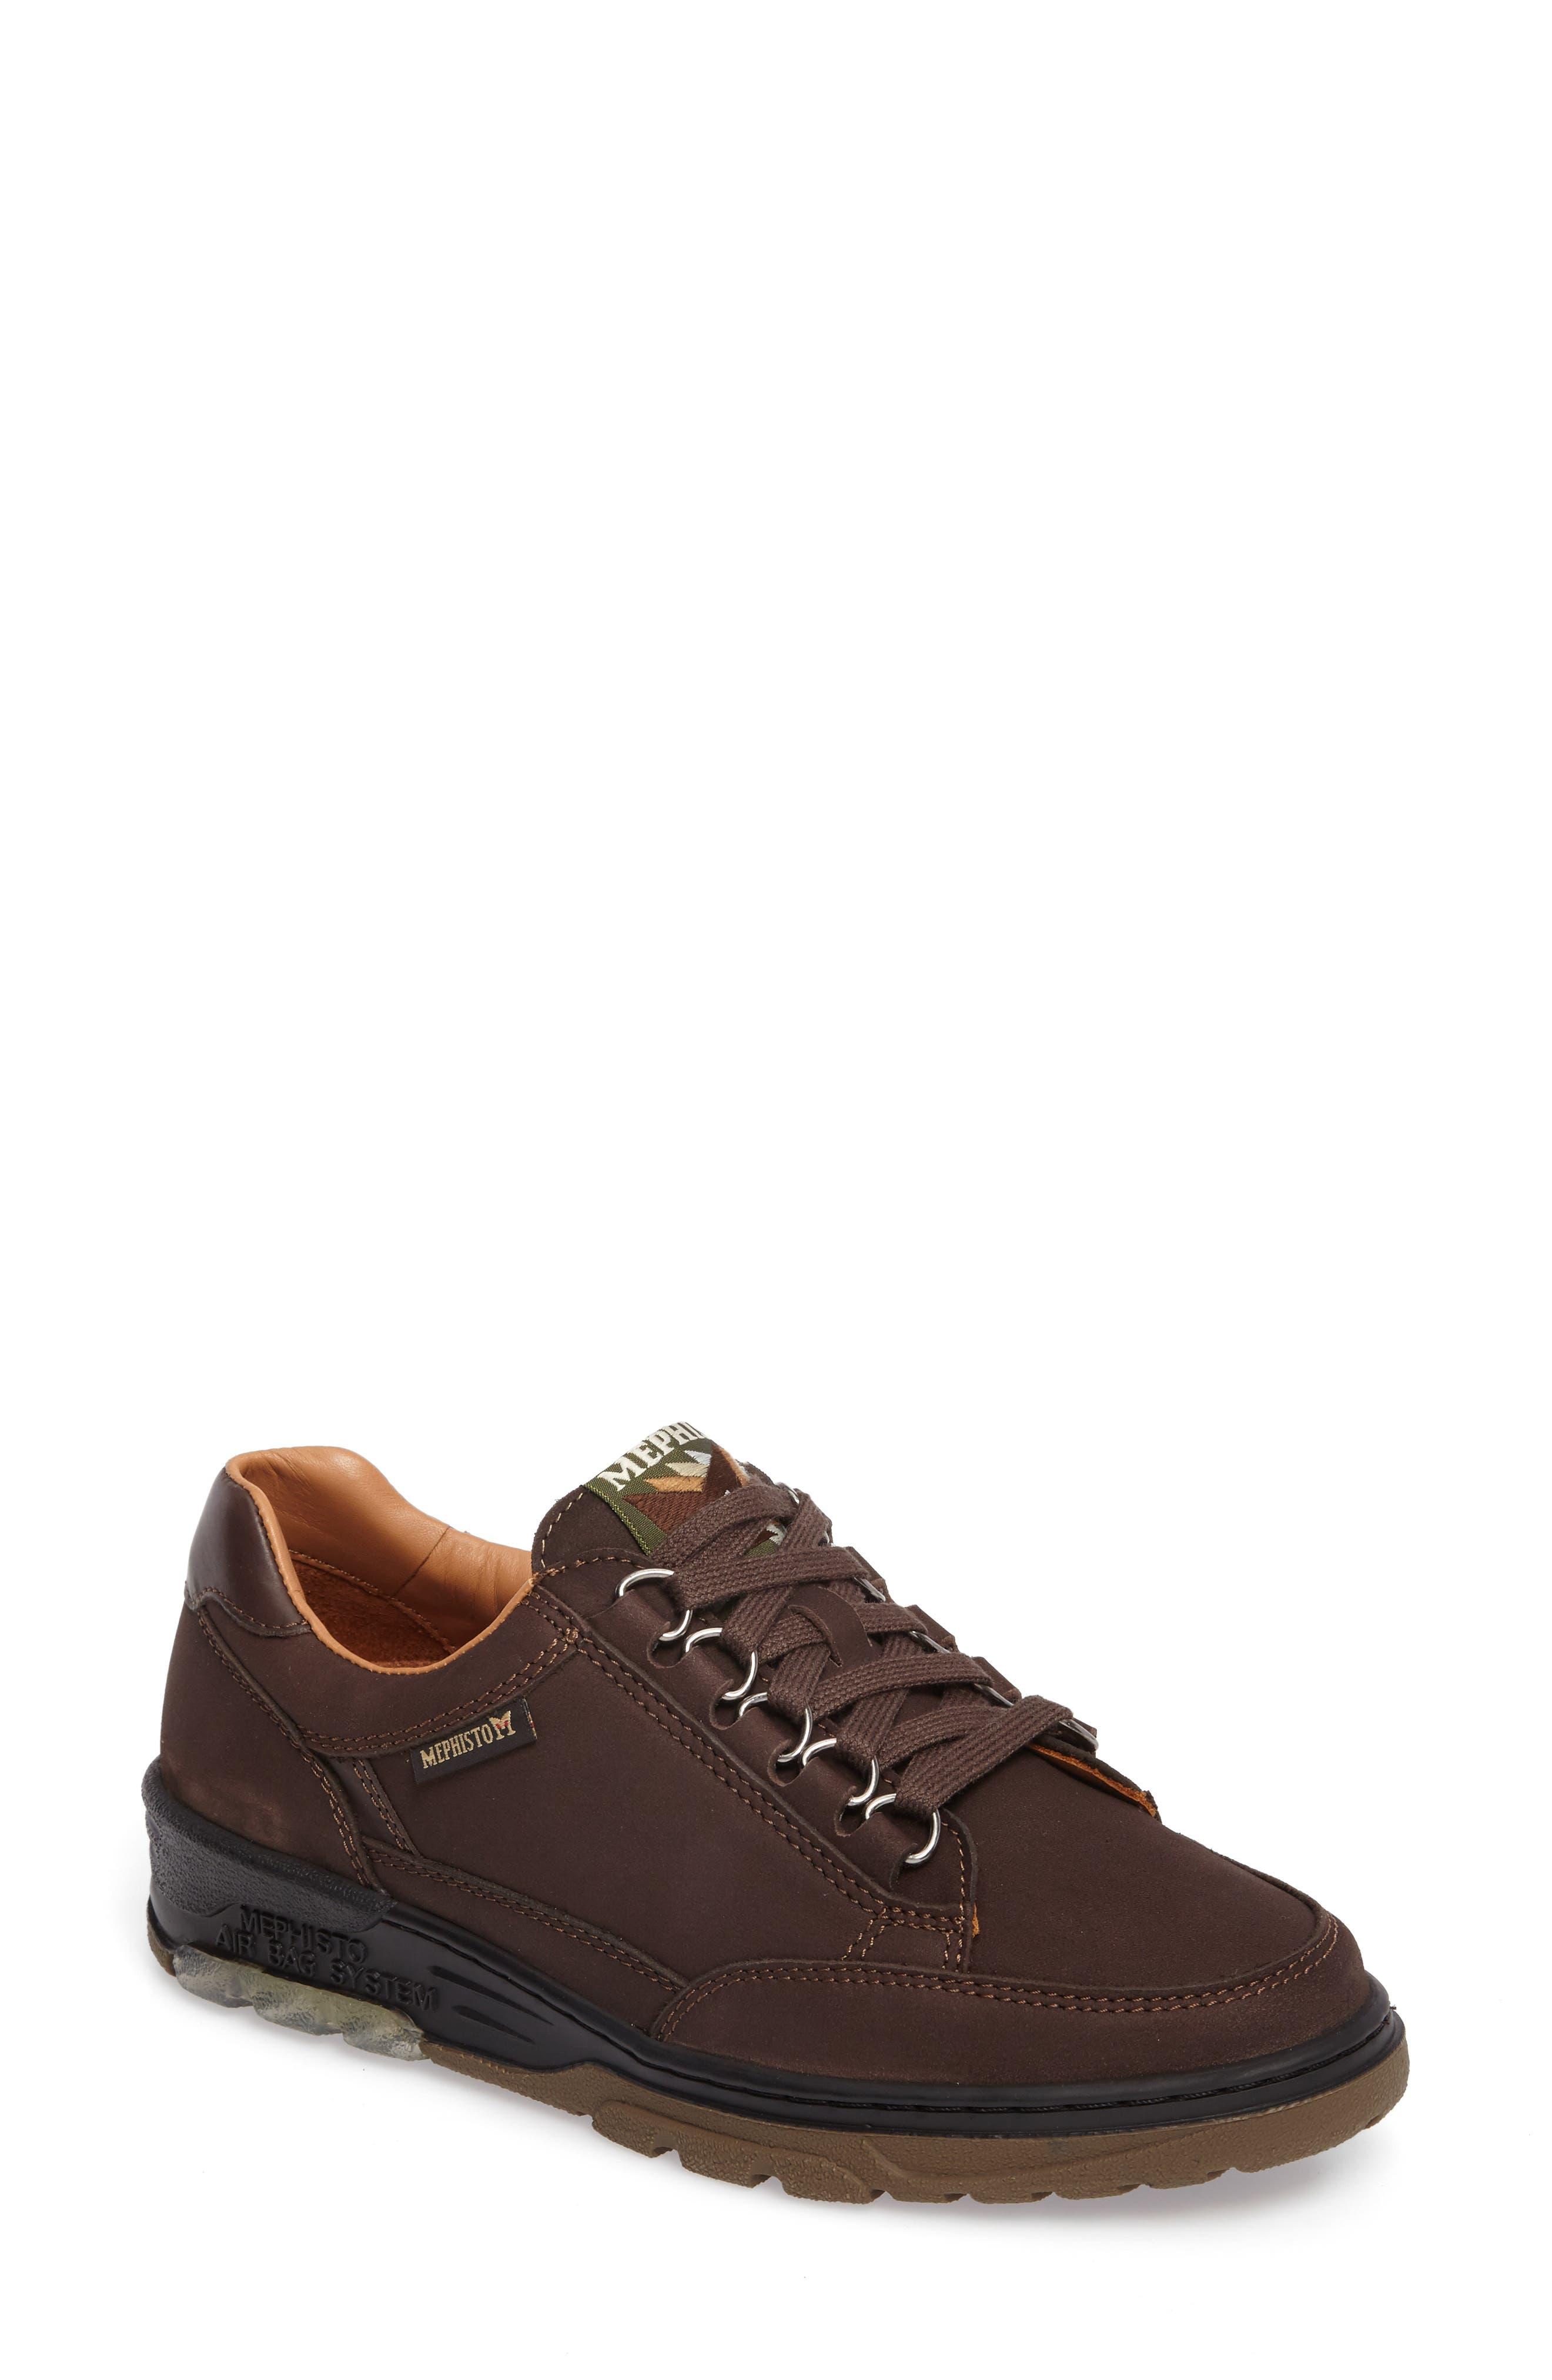 Natasha Sneaker,                         Main,                         color, Dark Brown Leather